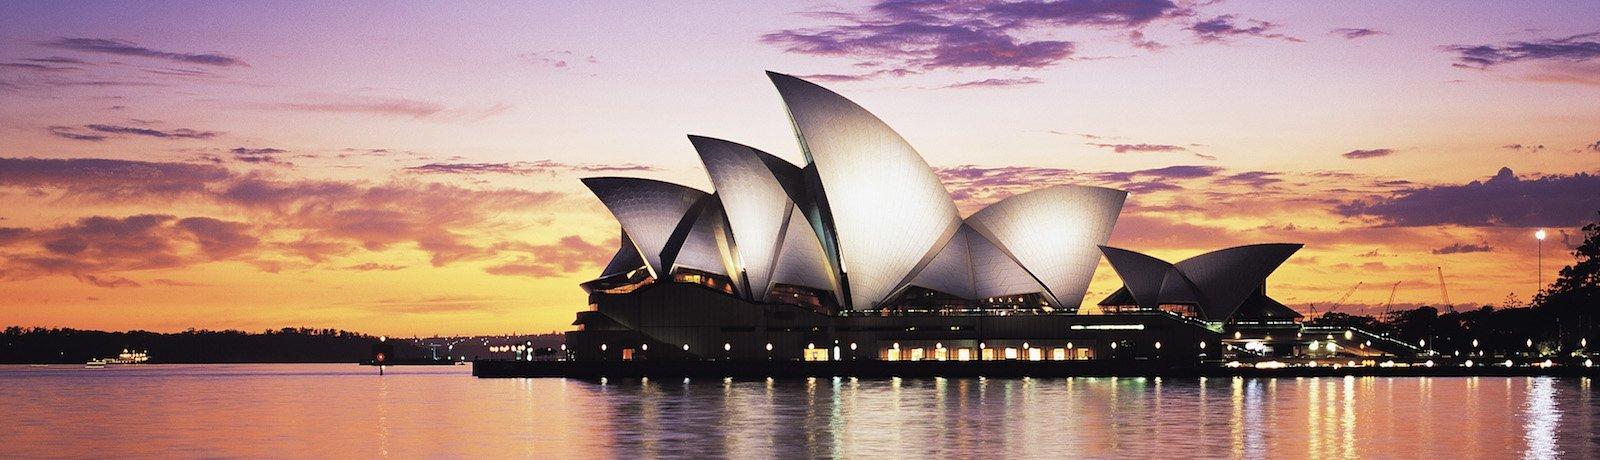 Australia Motivational Speaker in Australia